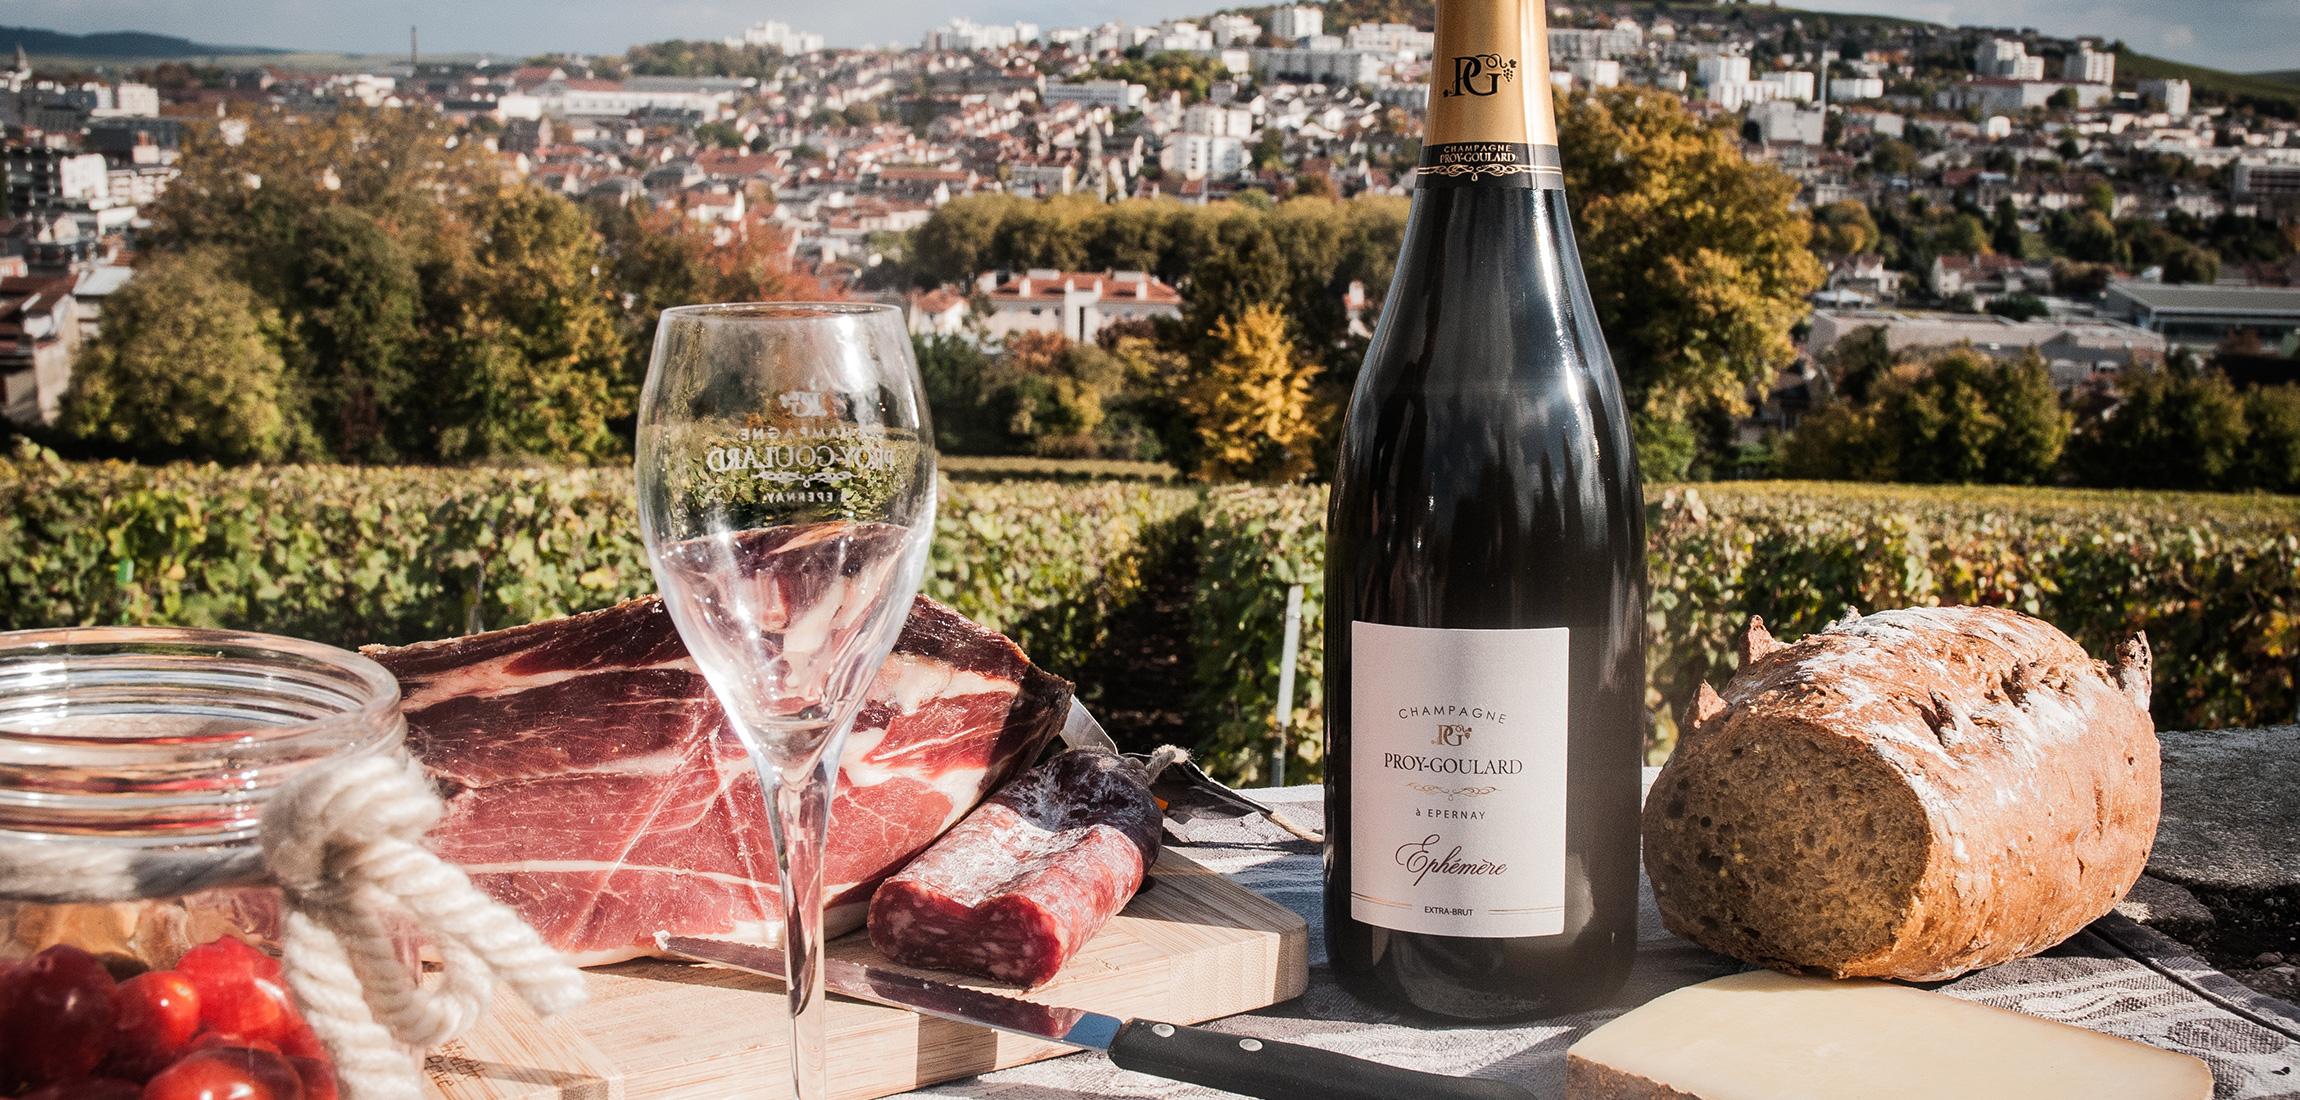 Champagne proy goulard for Les decoratives brut de terre